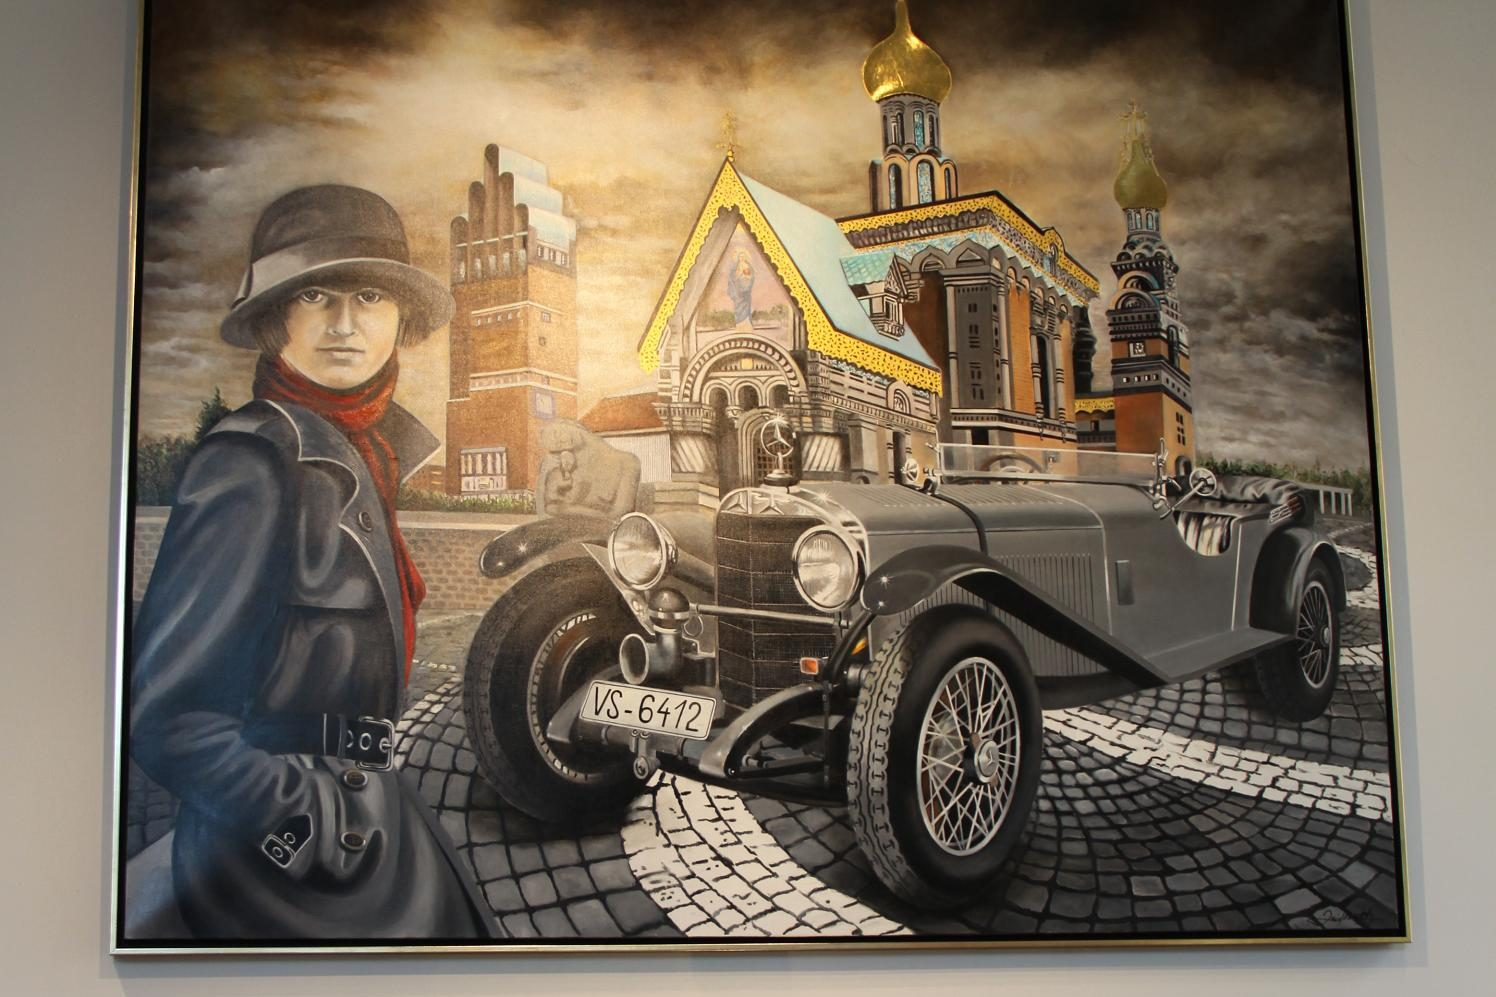 Die Künstlerin Doris Zeidlewitz hat ein paar eindrucksvolle Gemälde im Großformat beigesteuert, die die Ausstellung abrunden, aber auch fürs Wohnzimmer erworben werden können. Hier Ernes Merck und ihr Mercedes in Darmstädter Kulisse.